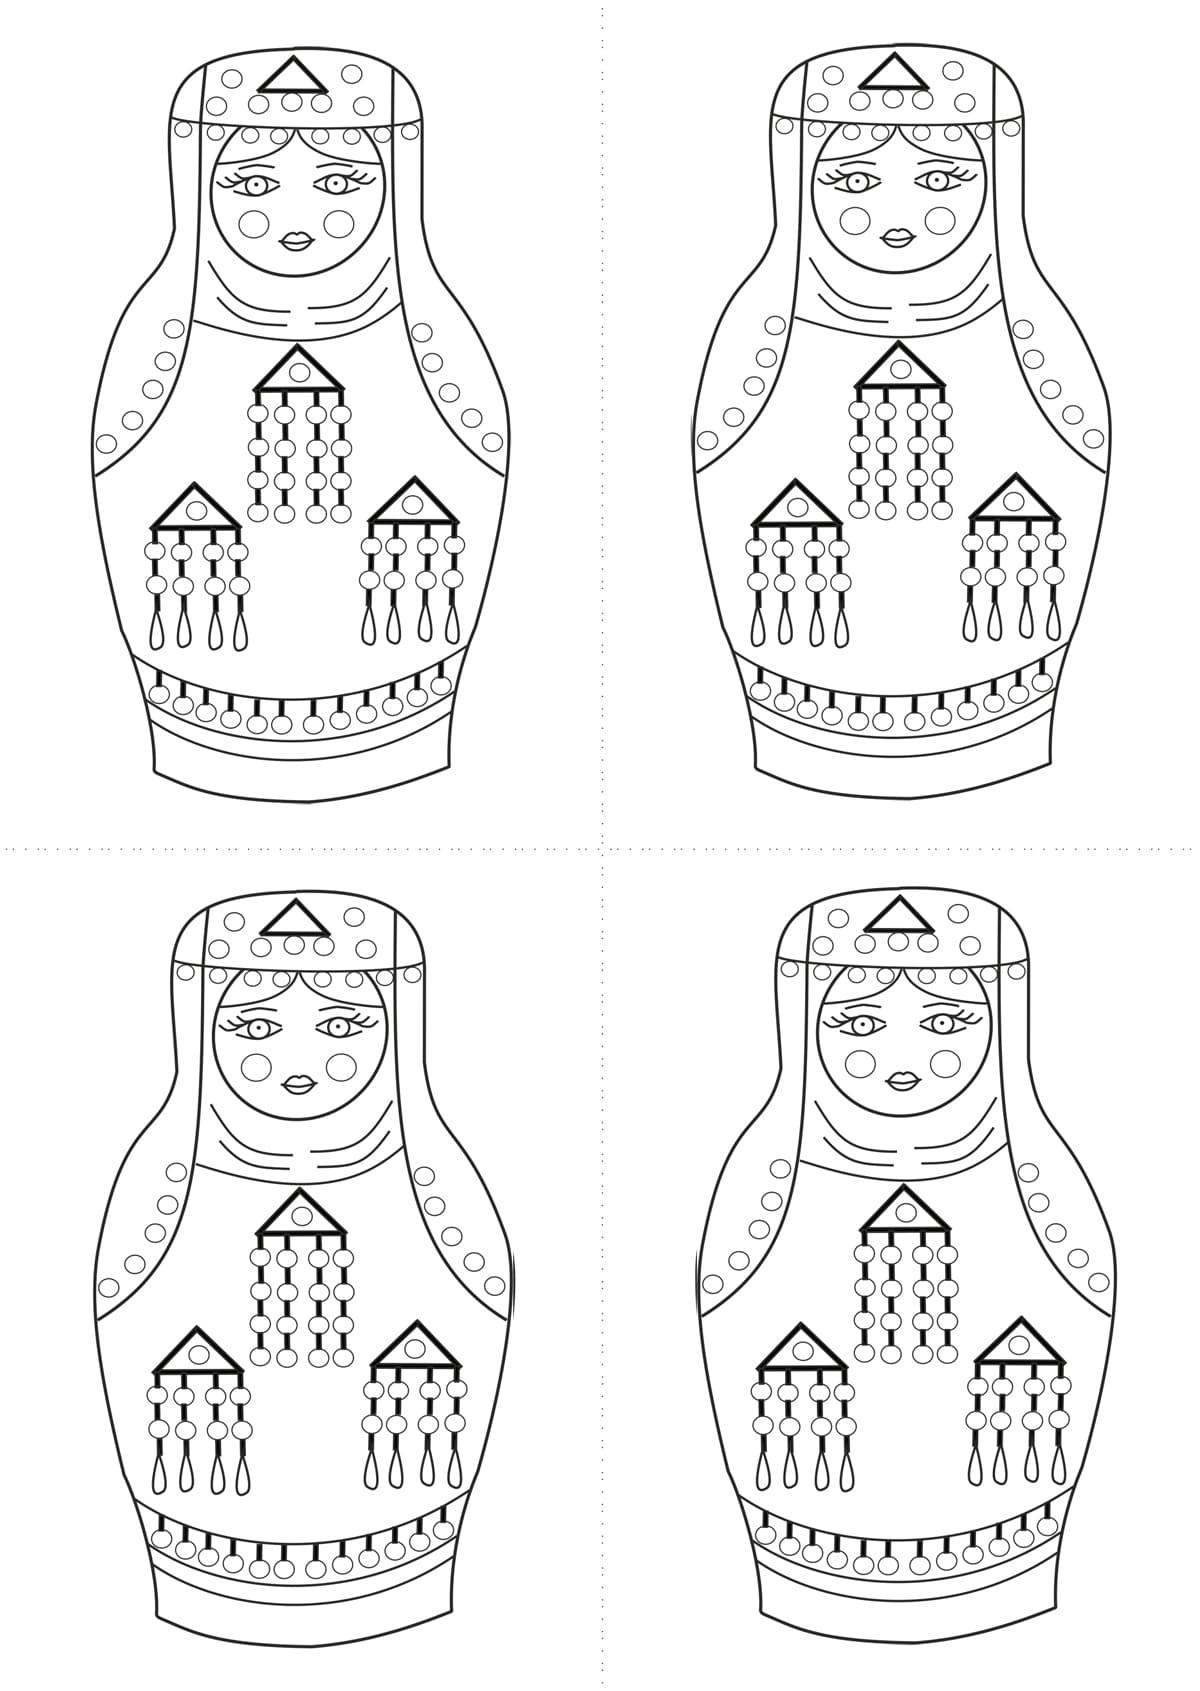 Раскраска шаблон матрёшки дагестанки для рисования